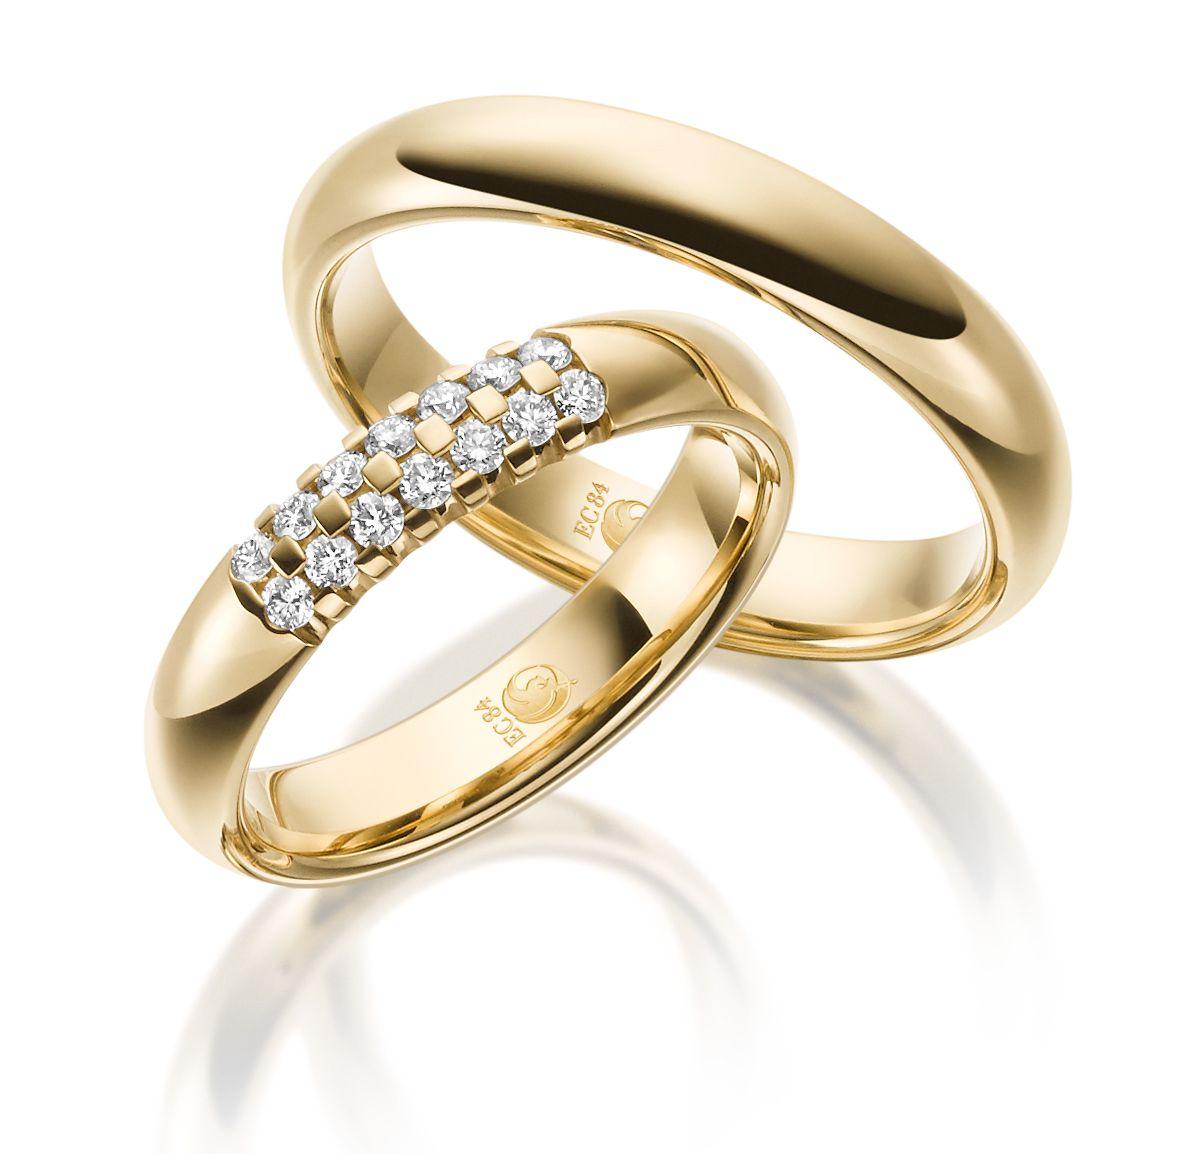 Eheringe Rubin Gelbgold Ru 1530 Trauringe Gold Jewelry Jewels